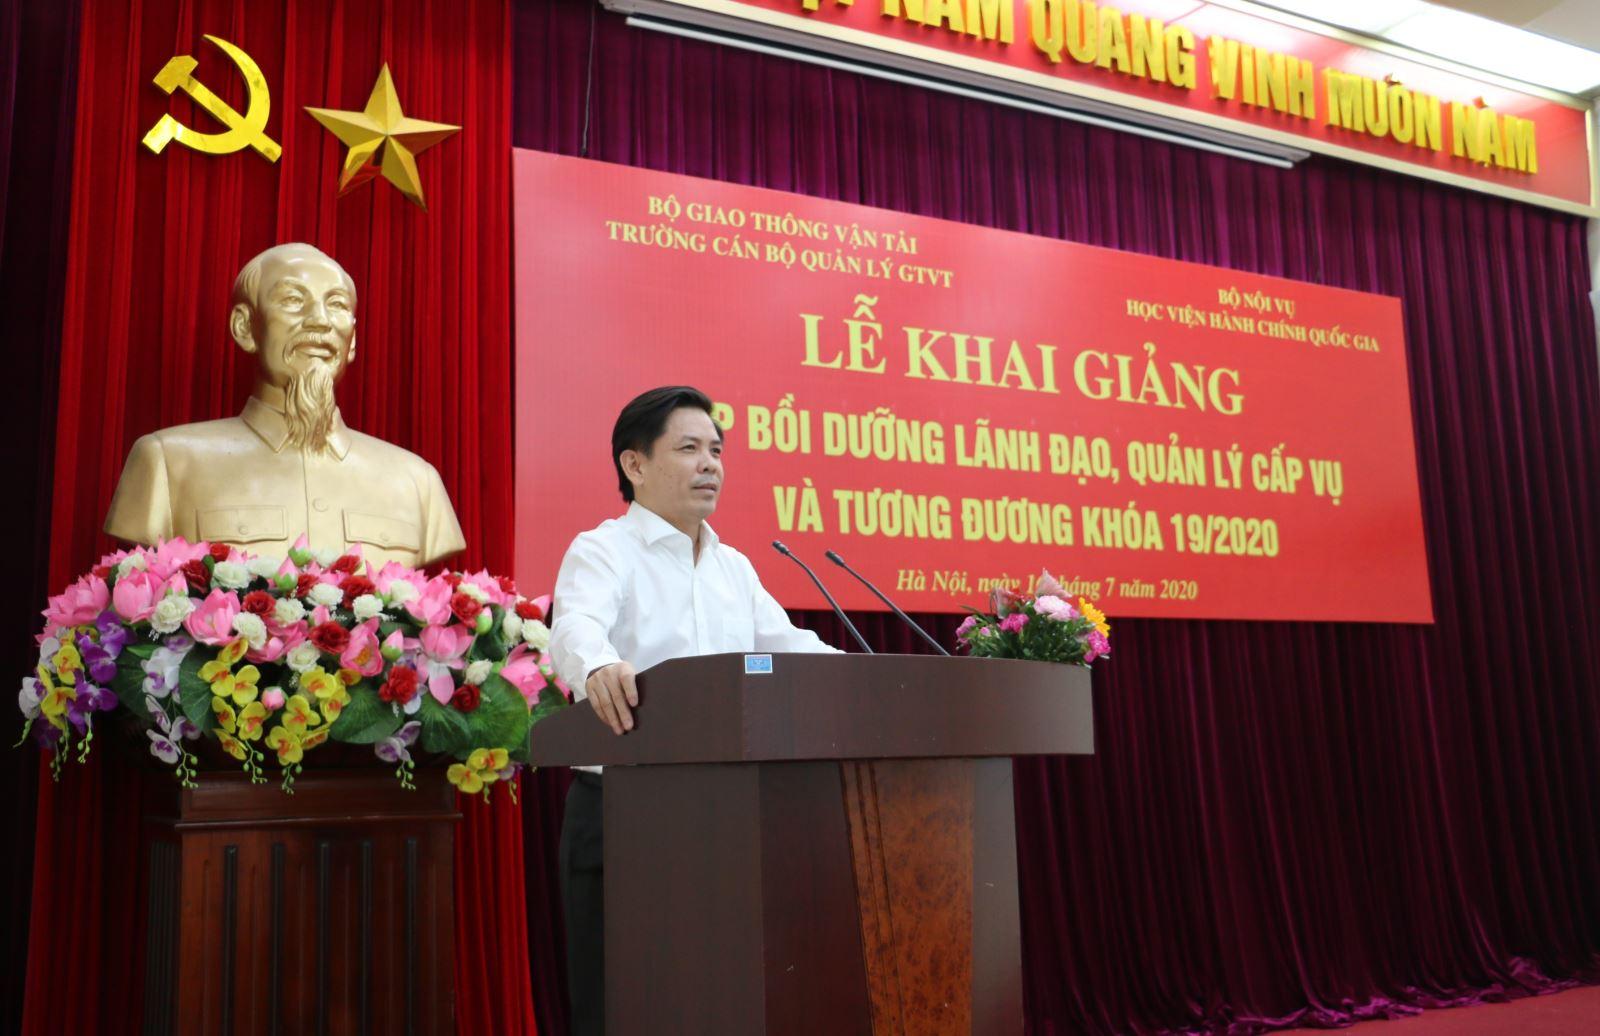 Bộ trưởng Nguyễn Văn Thể phát biểu tại lễ khai giảng lớp bồi dưỡng lãnh đạo, quản lý cấp vụ và tương đương khóa 19/2020